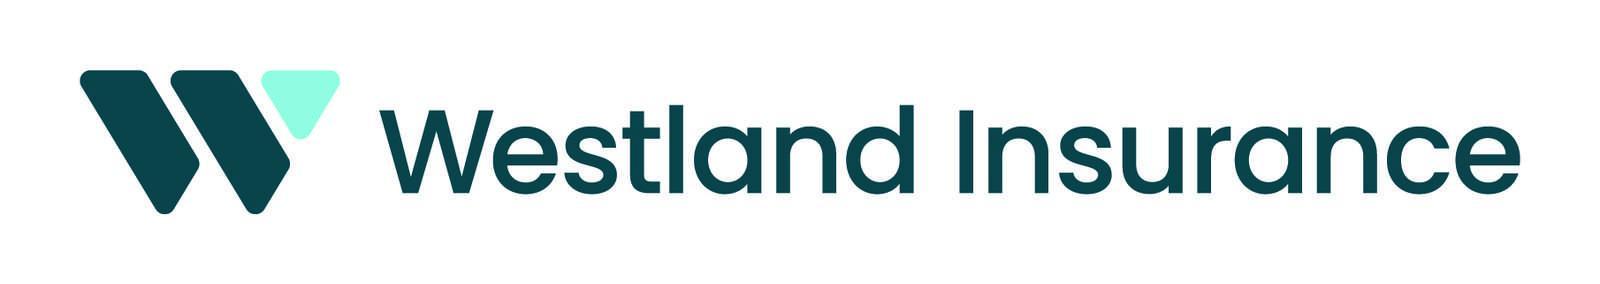 Partner_Logos/Westland_Logos_Hor-Colour.jpg